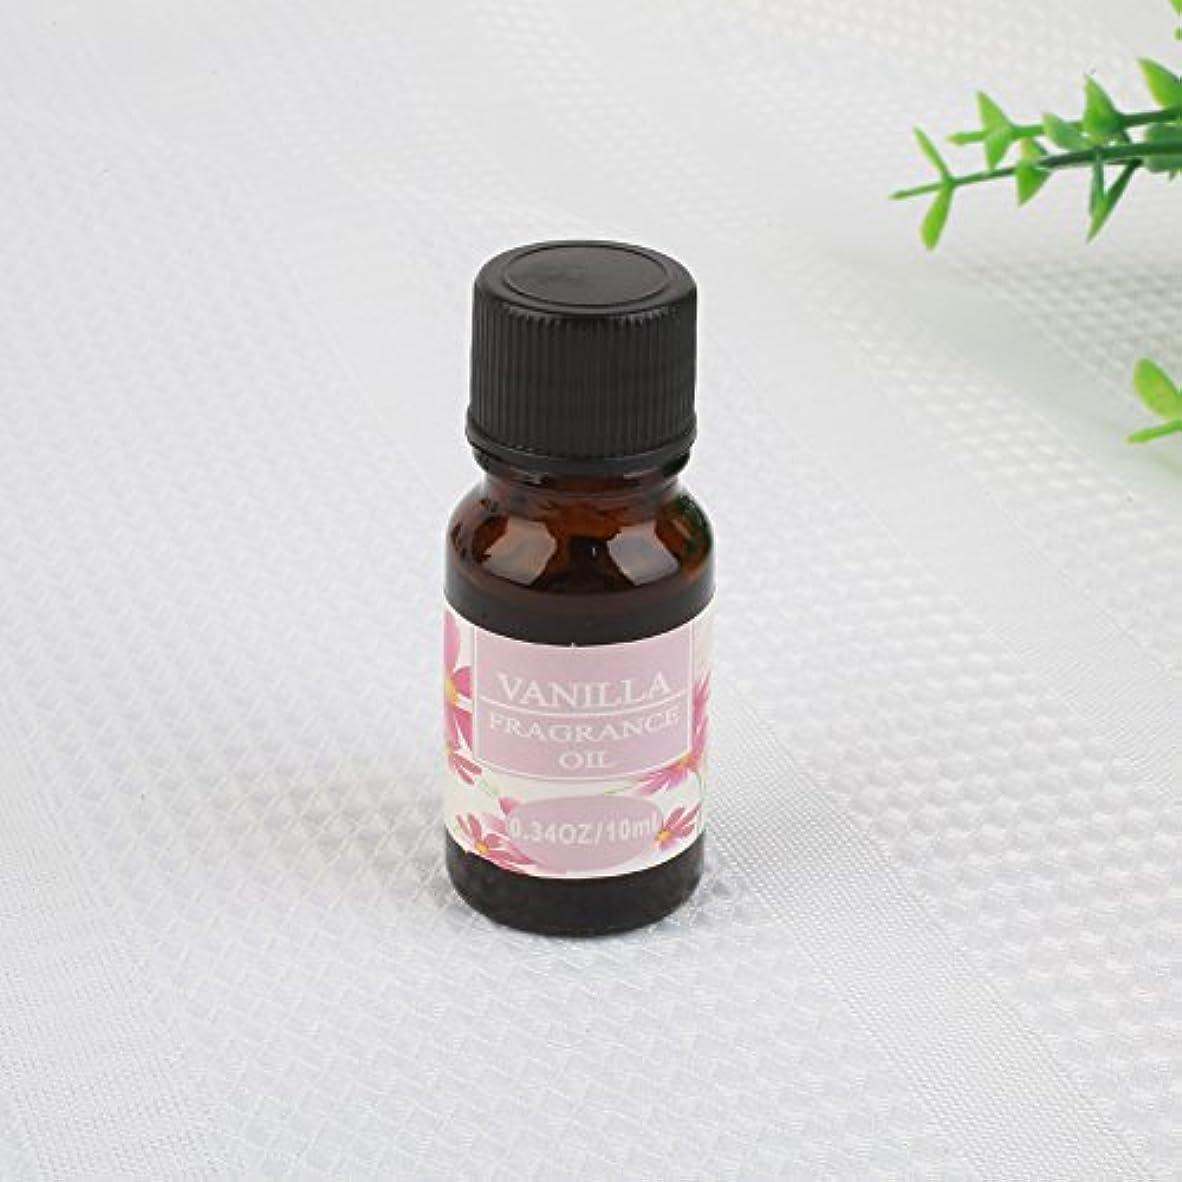 テレビ印象擁するwlgreatsp 100%純粋なアロマアロマオイルピュアミストは、トップNakedpress植物の香りを設定します